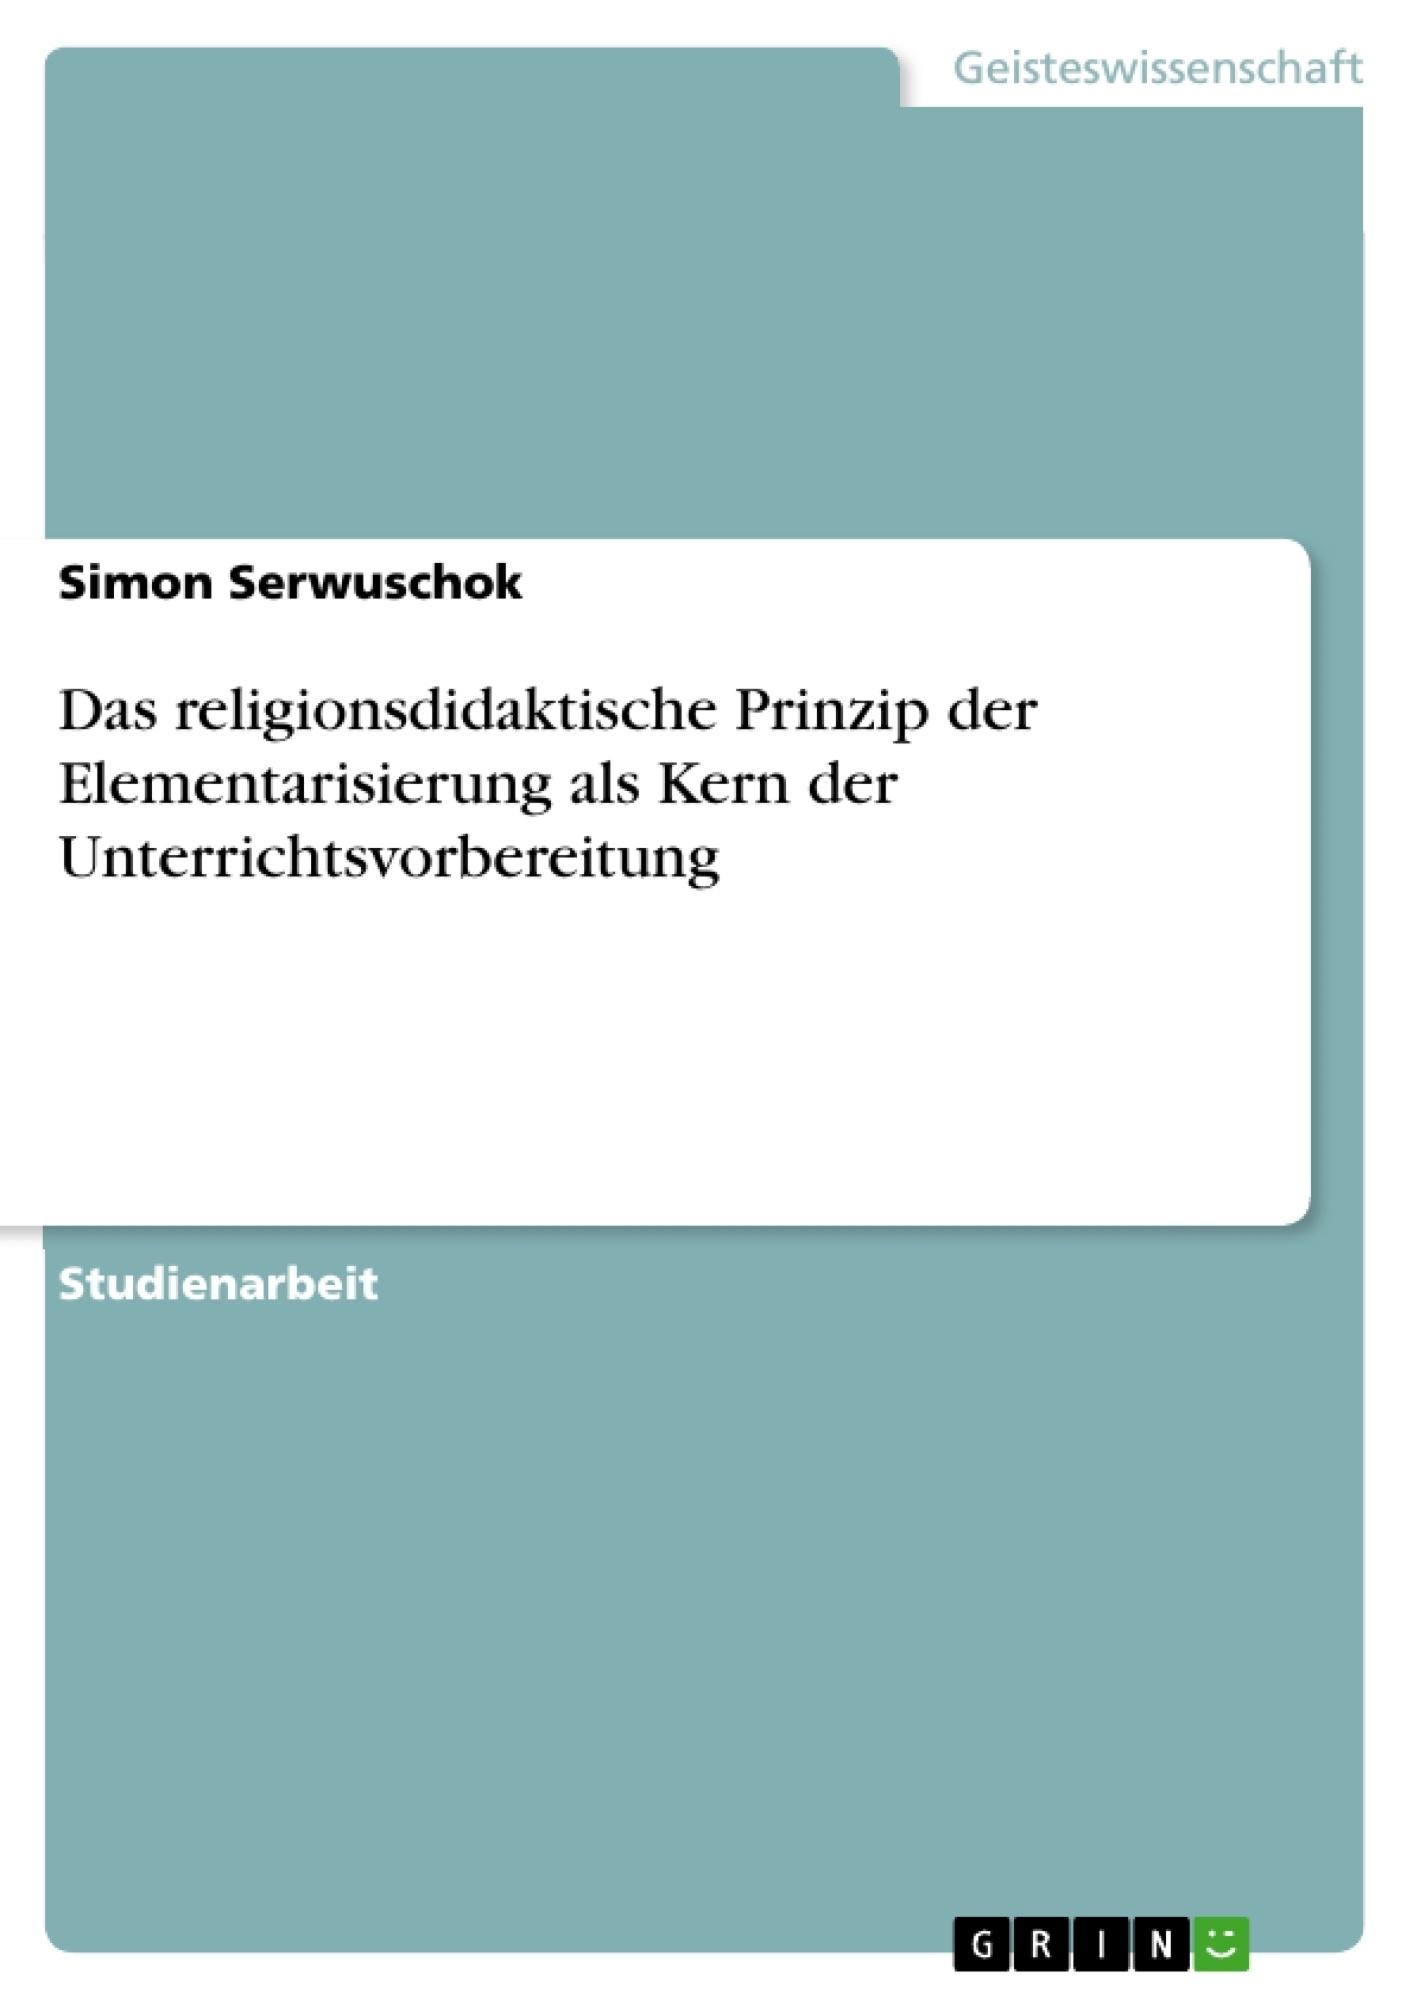 Titel: Das religionsdidaktische Prinzip der Elementarisierung als Kern der Unterrichtsvorbereitung